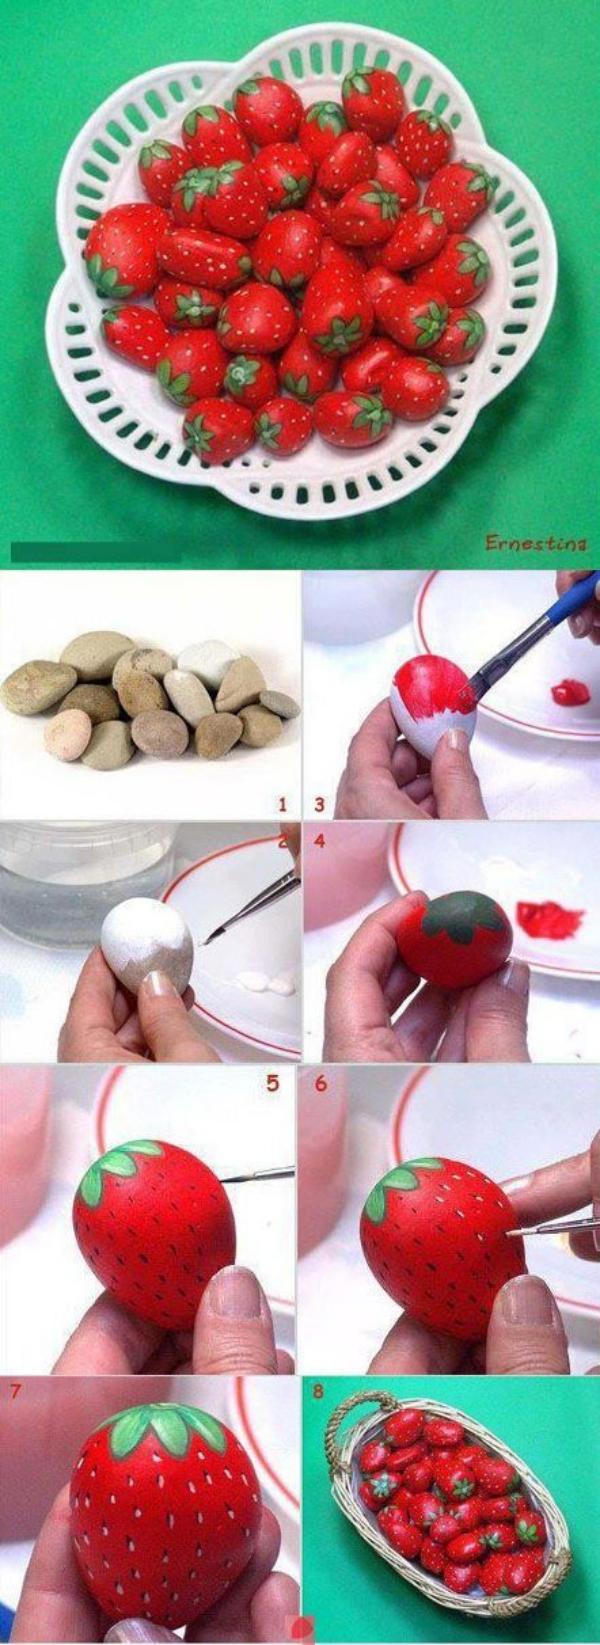 rock-and-pebble-art-ideas-26